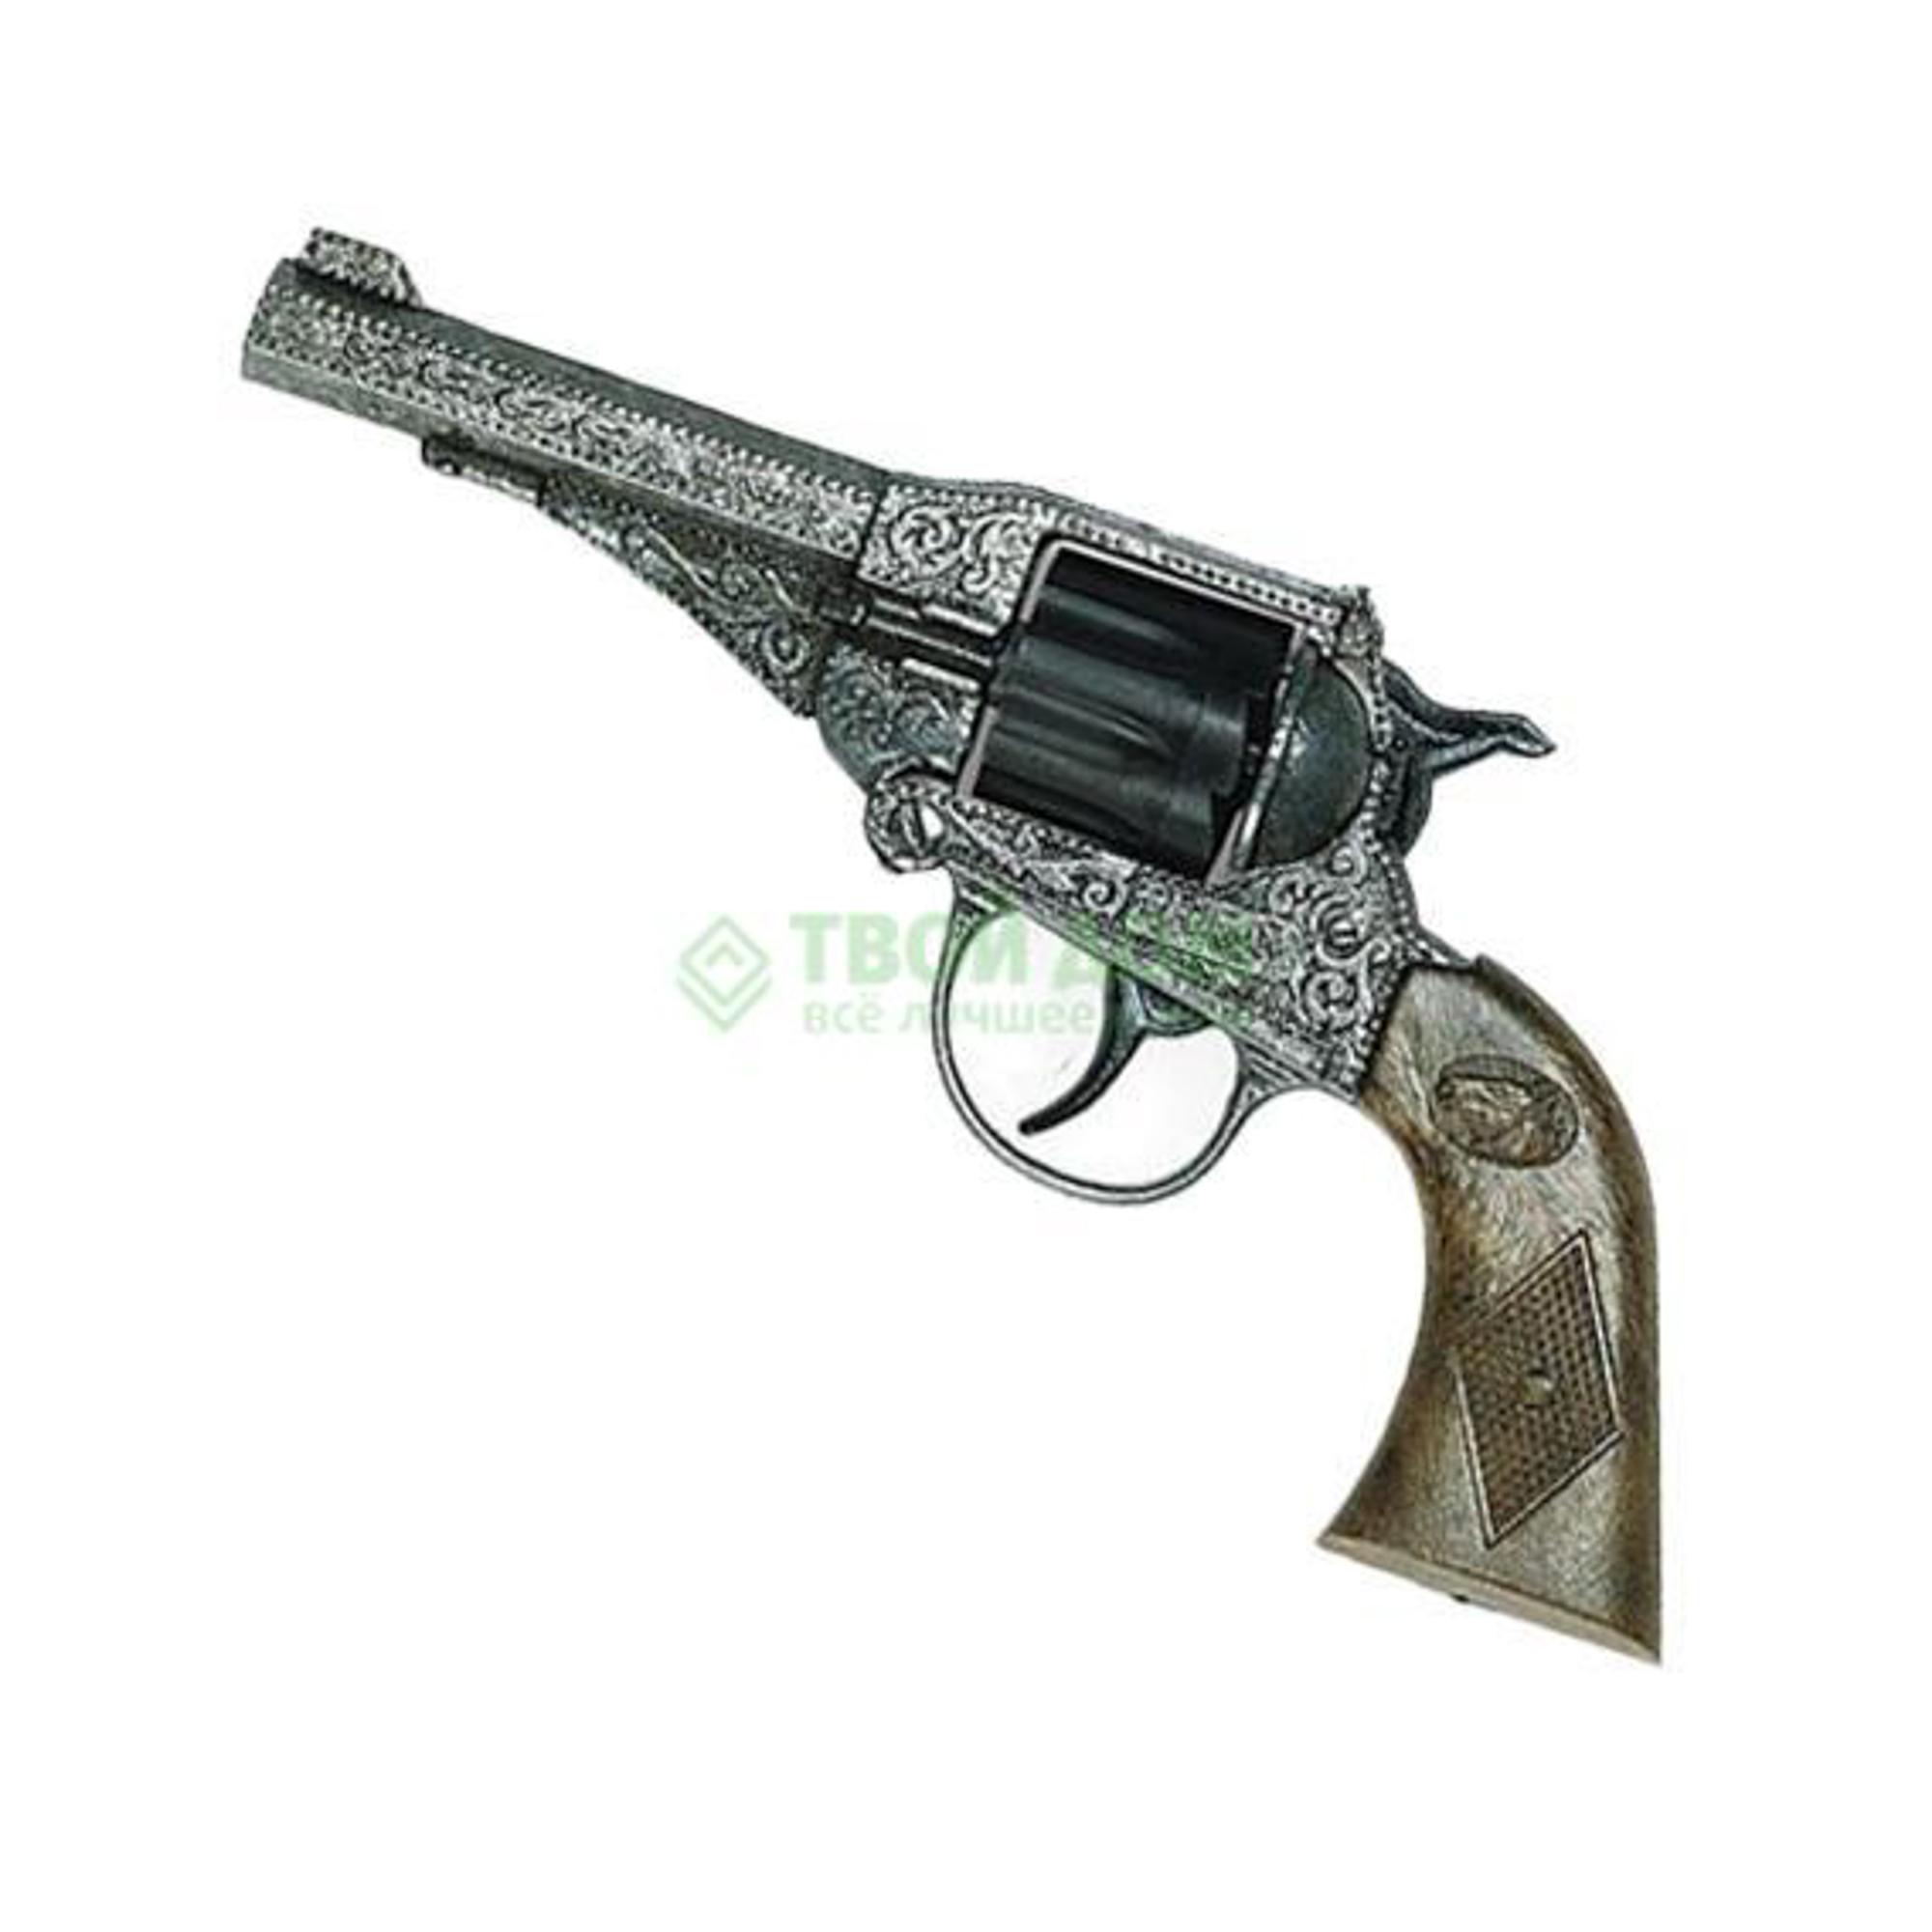 Купить Пистолет Edison Пистолет sterling metall western (0220/96), Китай, черный, металл, пластик, Оружие